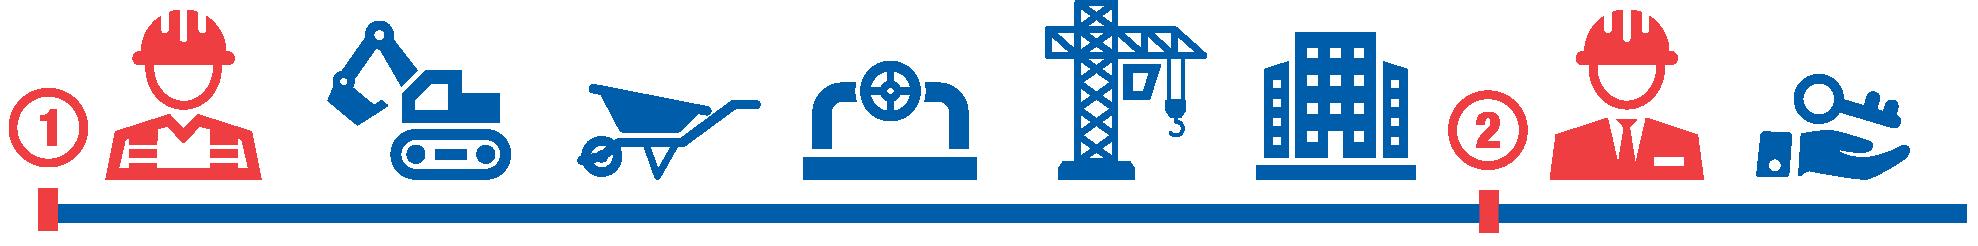 Būvobjekta ugunsdrošības audits dažādi logo